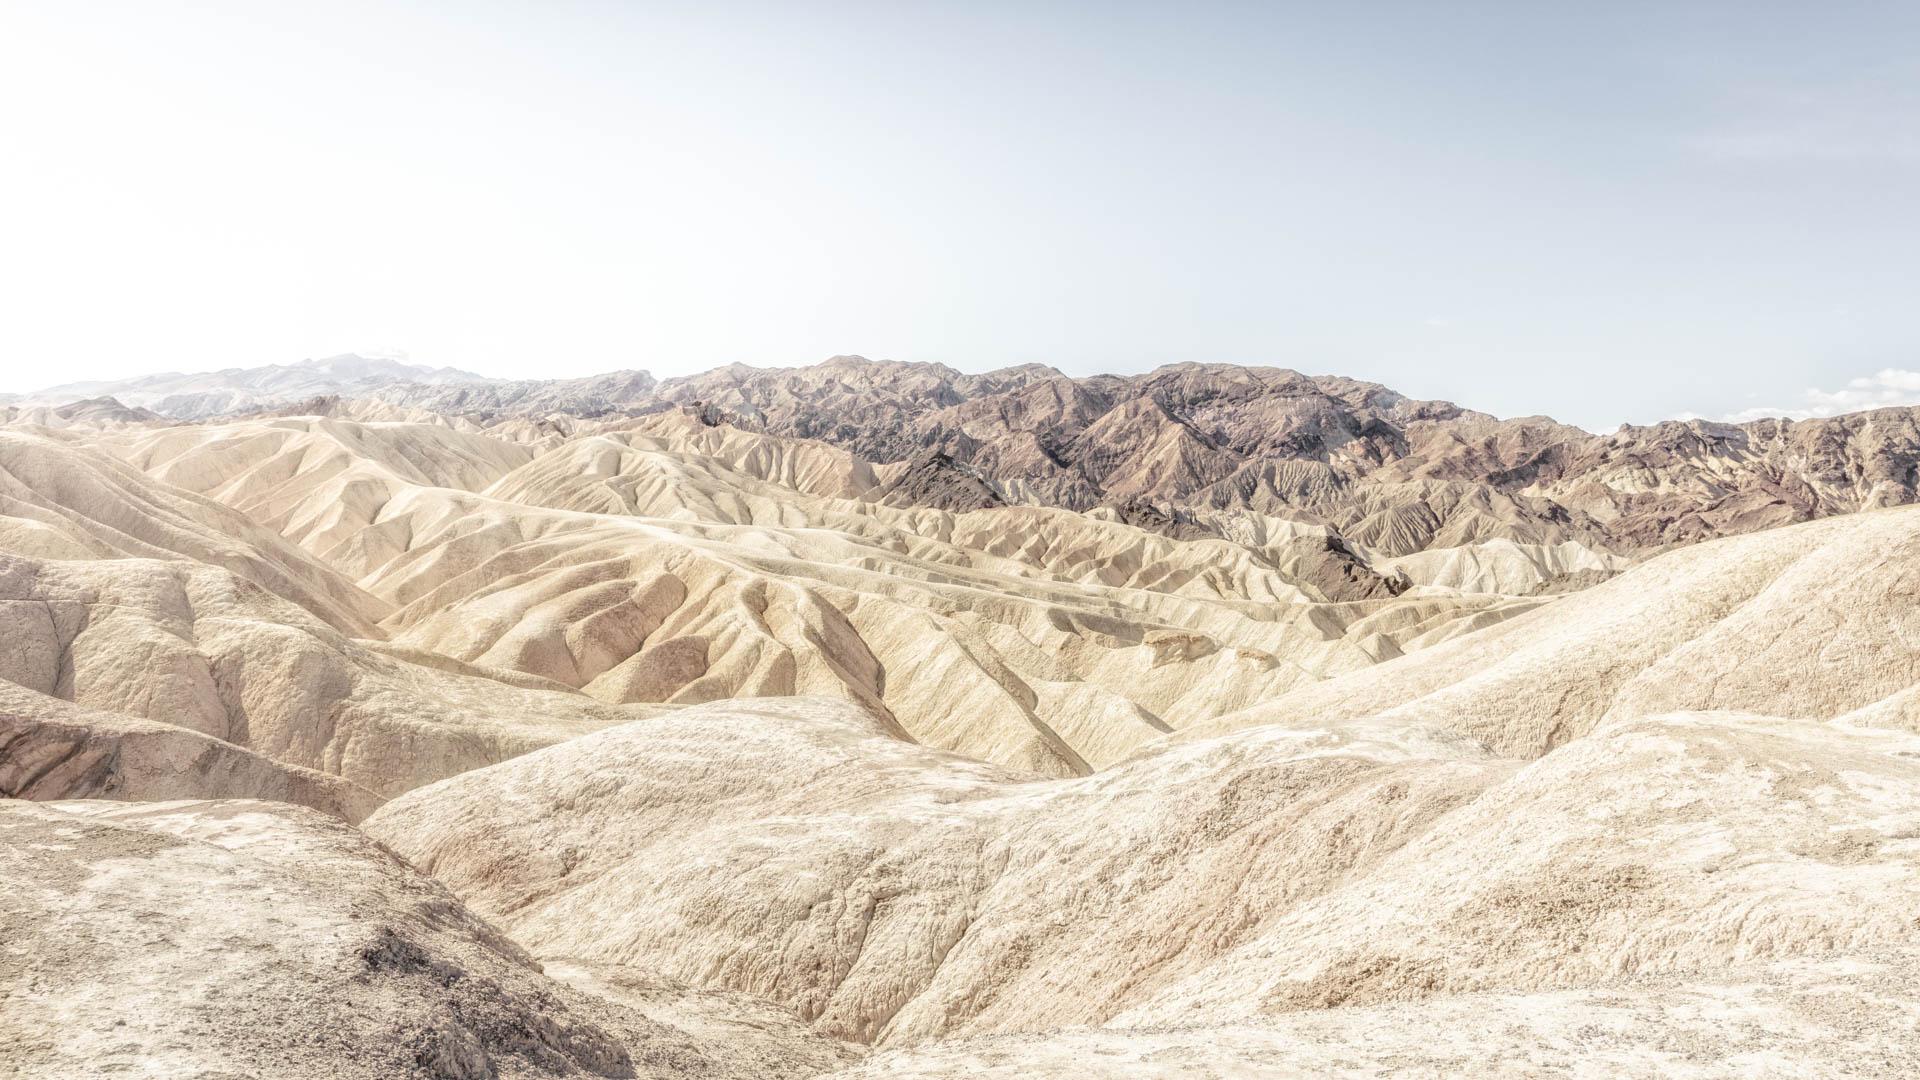 LDKphoto - Death Valley - 01.jpg